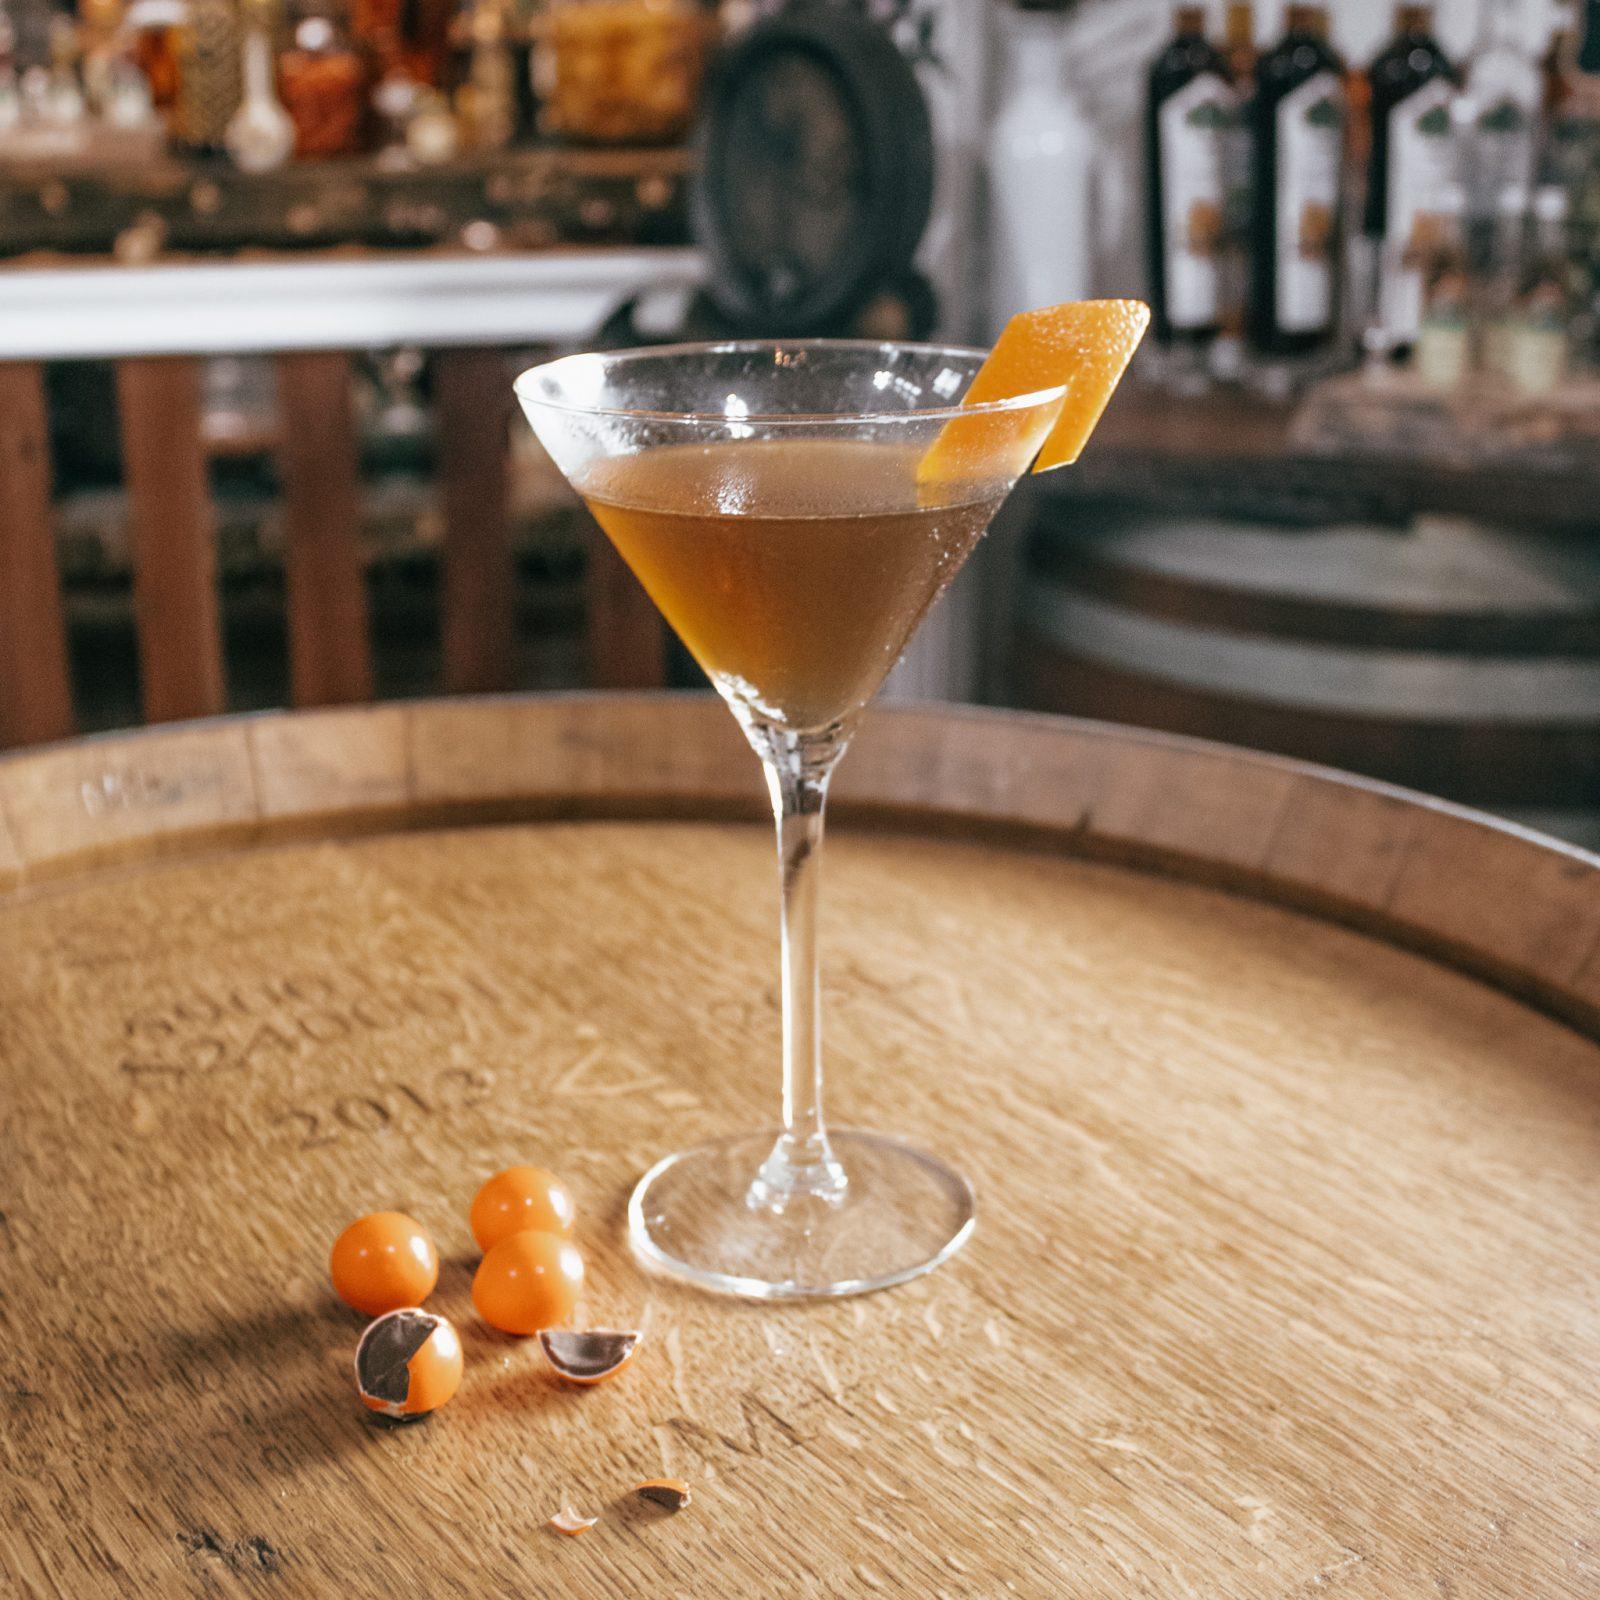 Choc Orange Martini